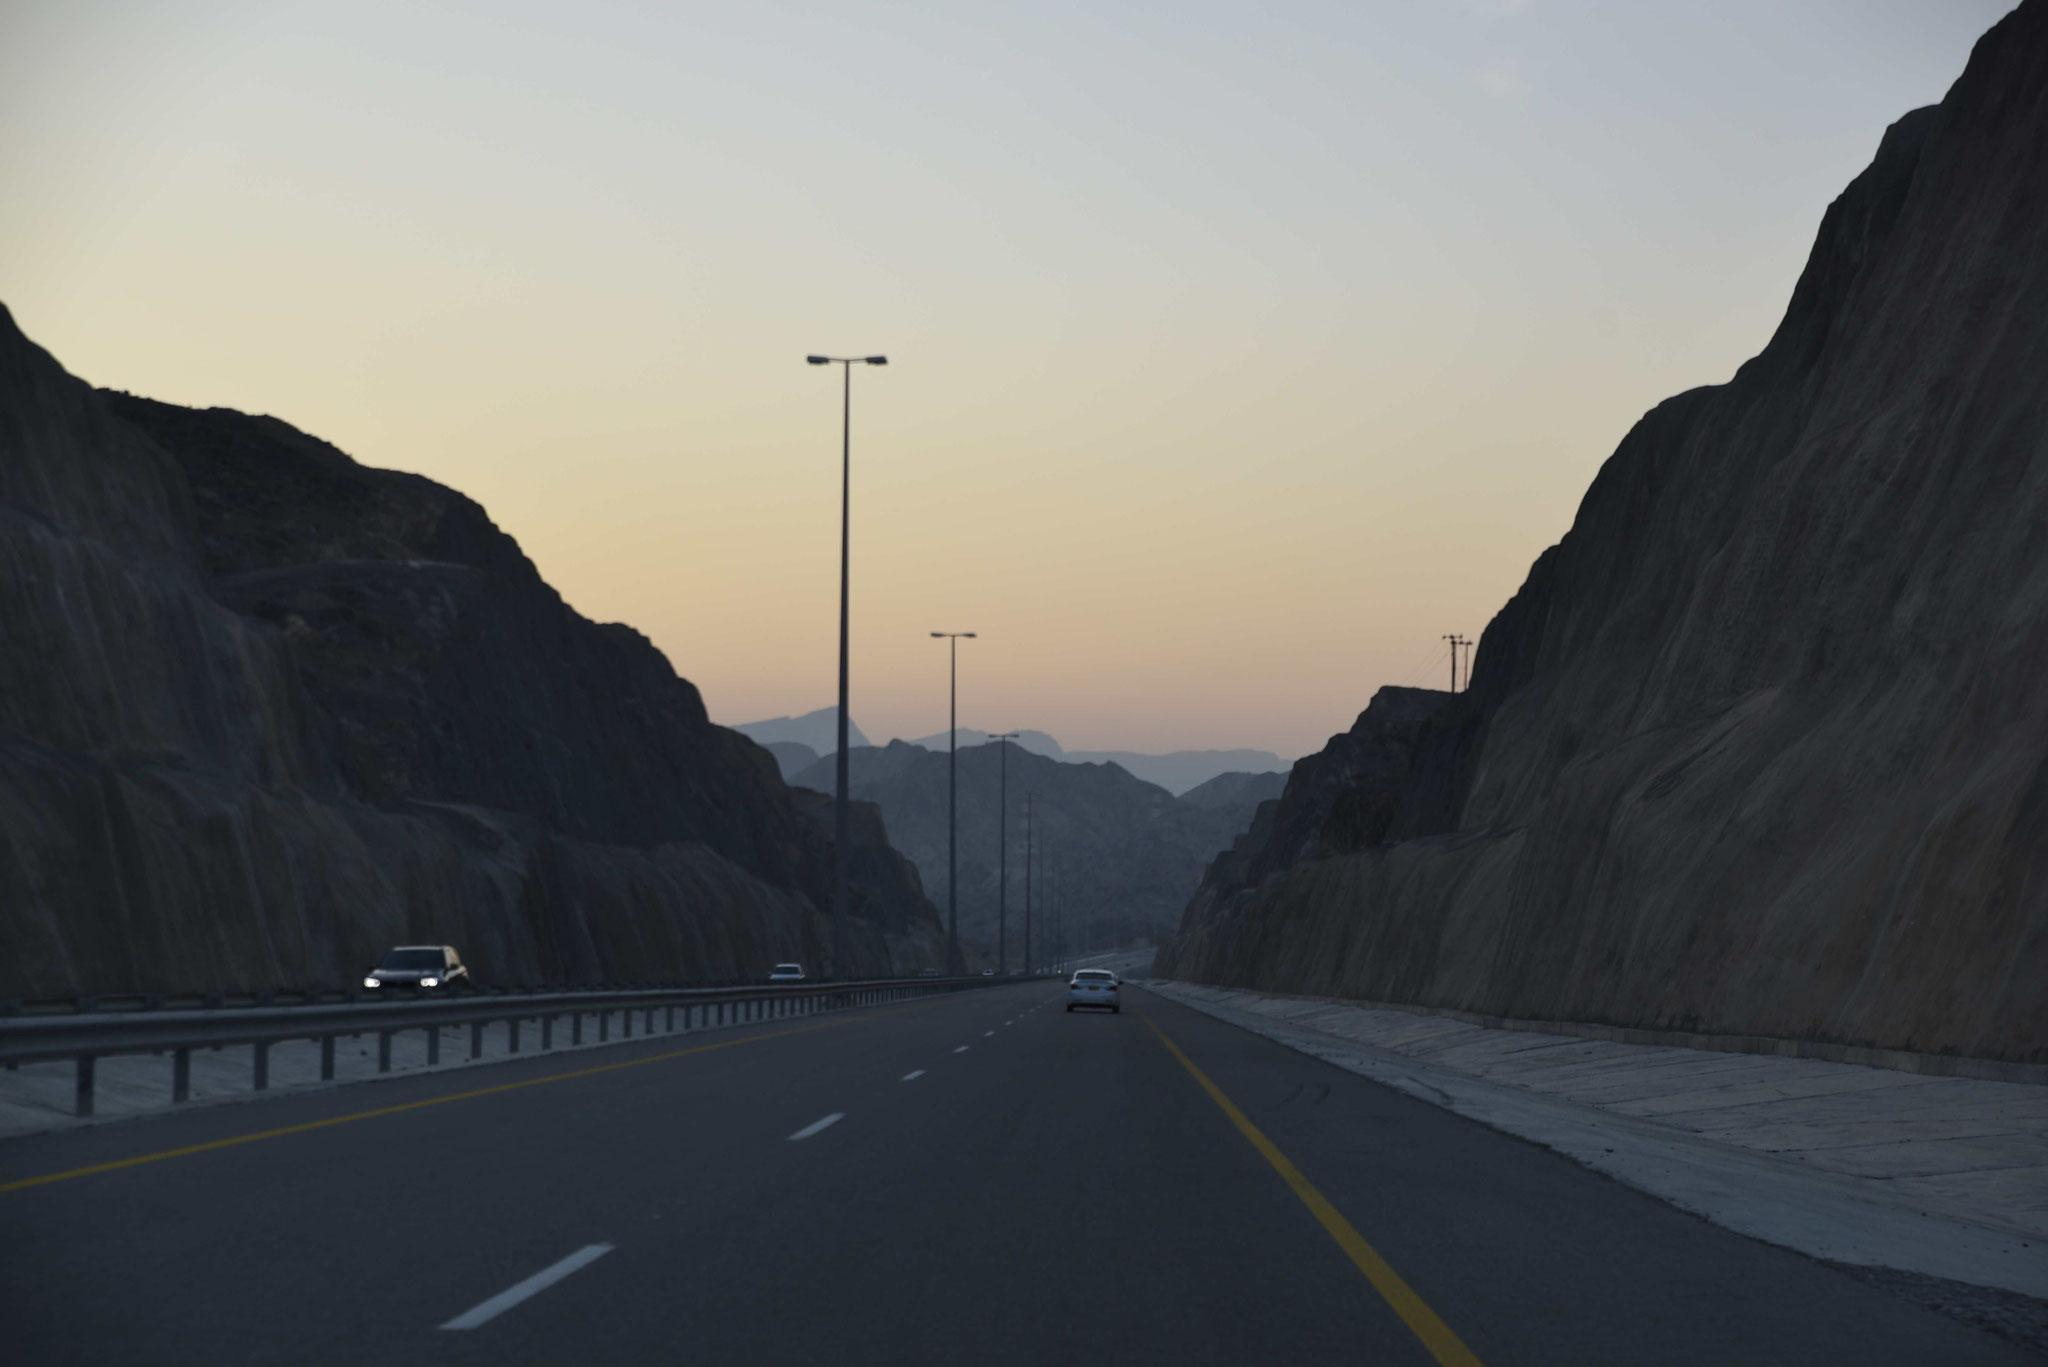 Autobahn wurde durch die Felsen gebaut.